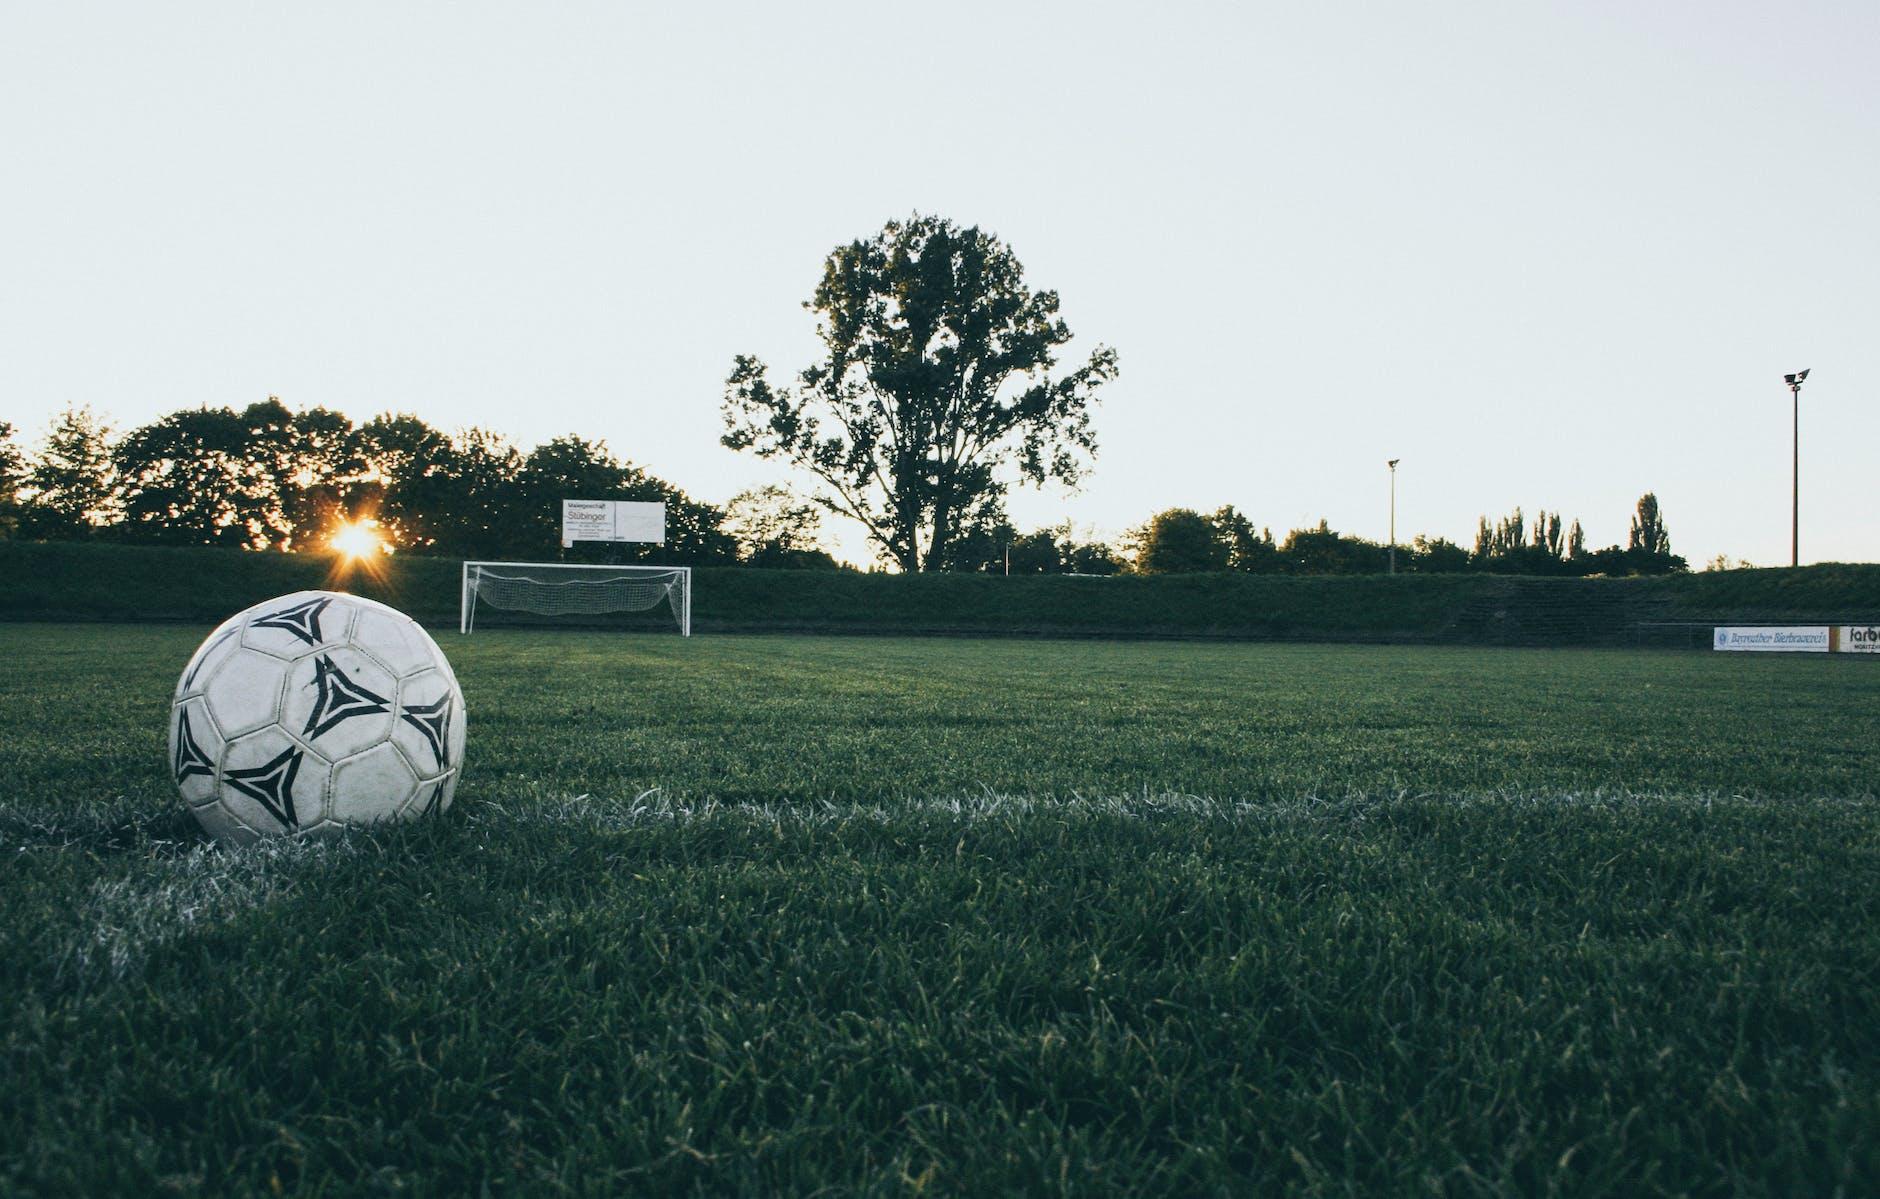 Voetbal op een voetbalveld met ondergaande zon